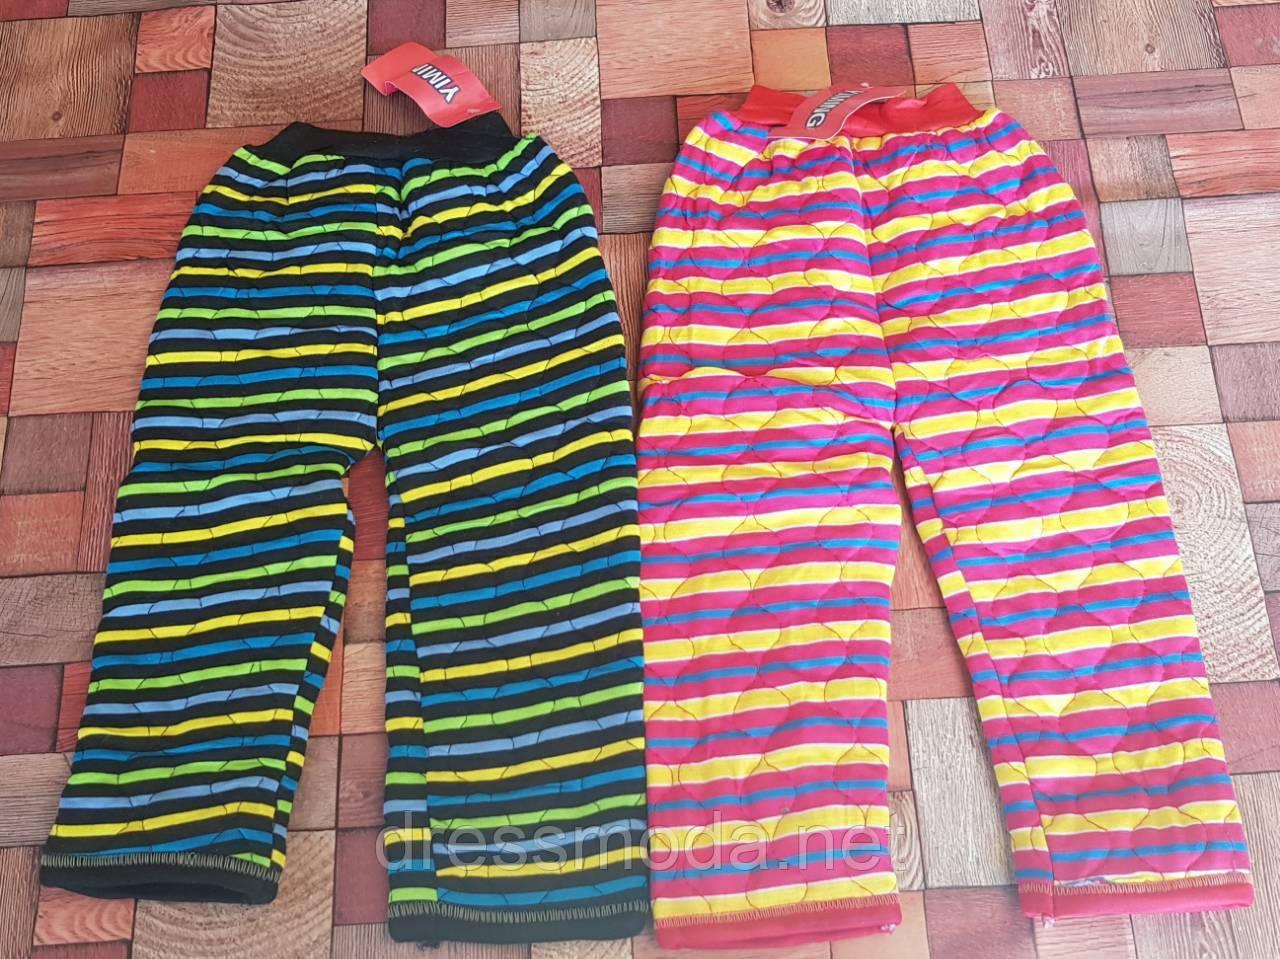 Штанишки бантики для детей  YIMING  70,80,90 см.